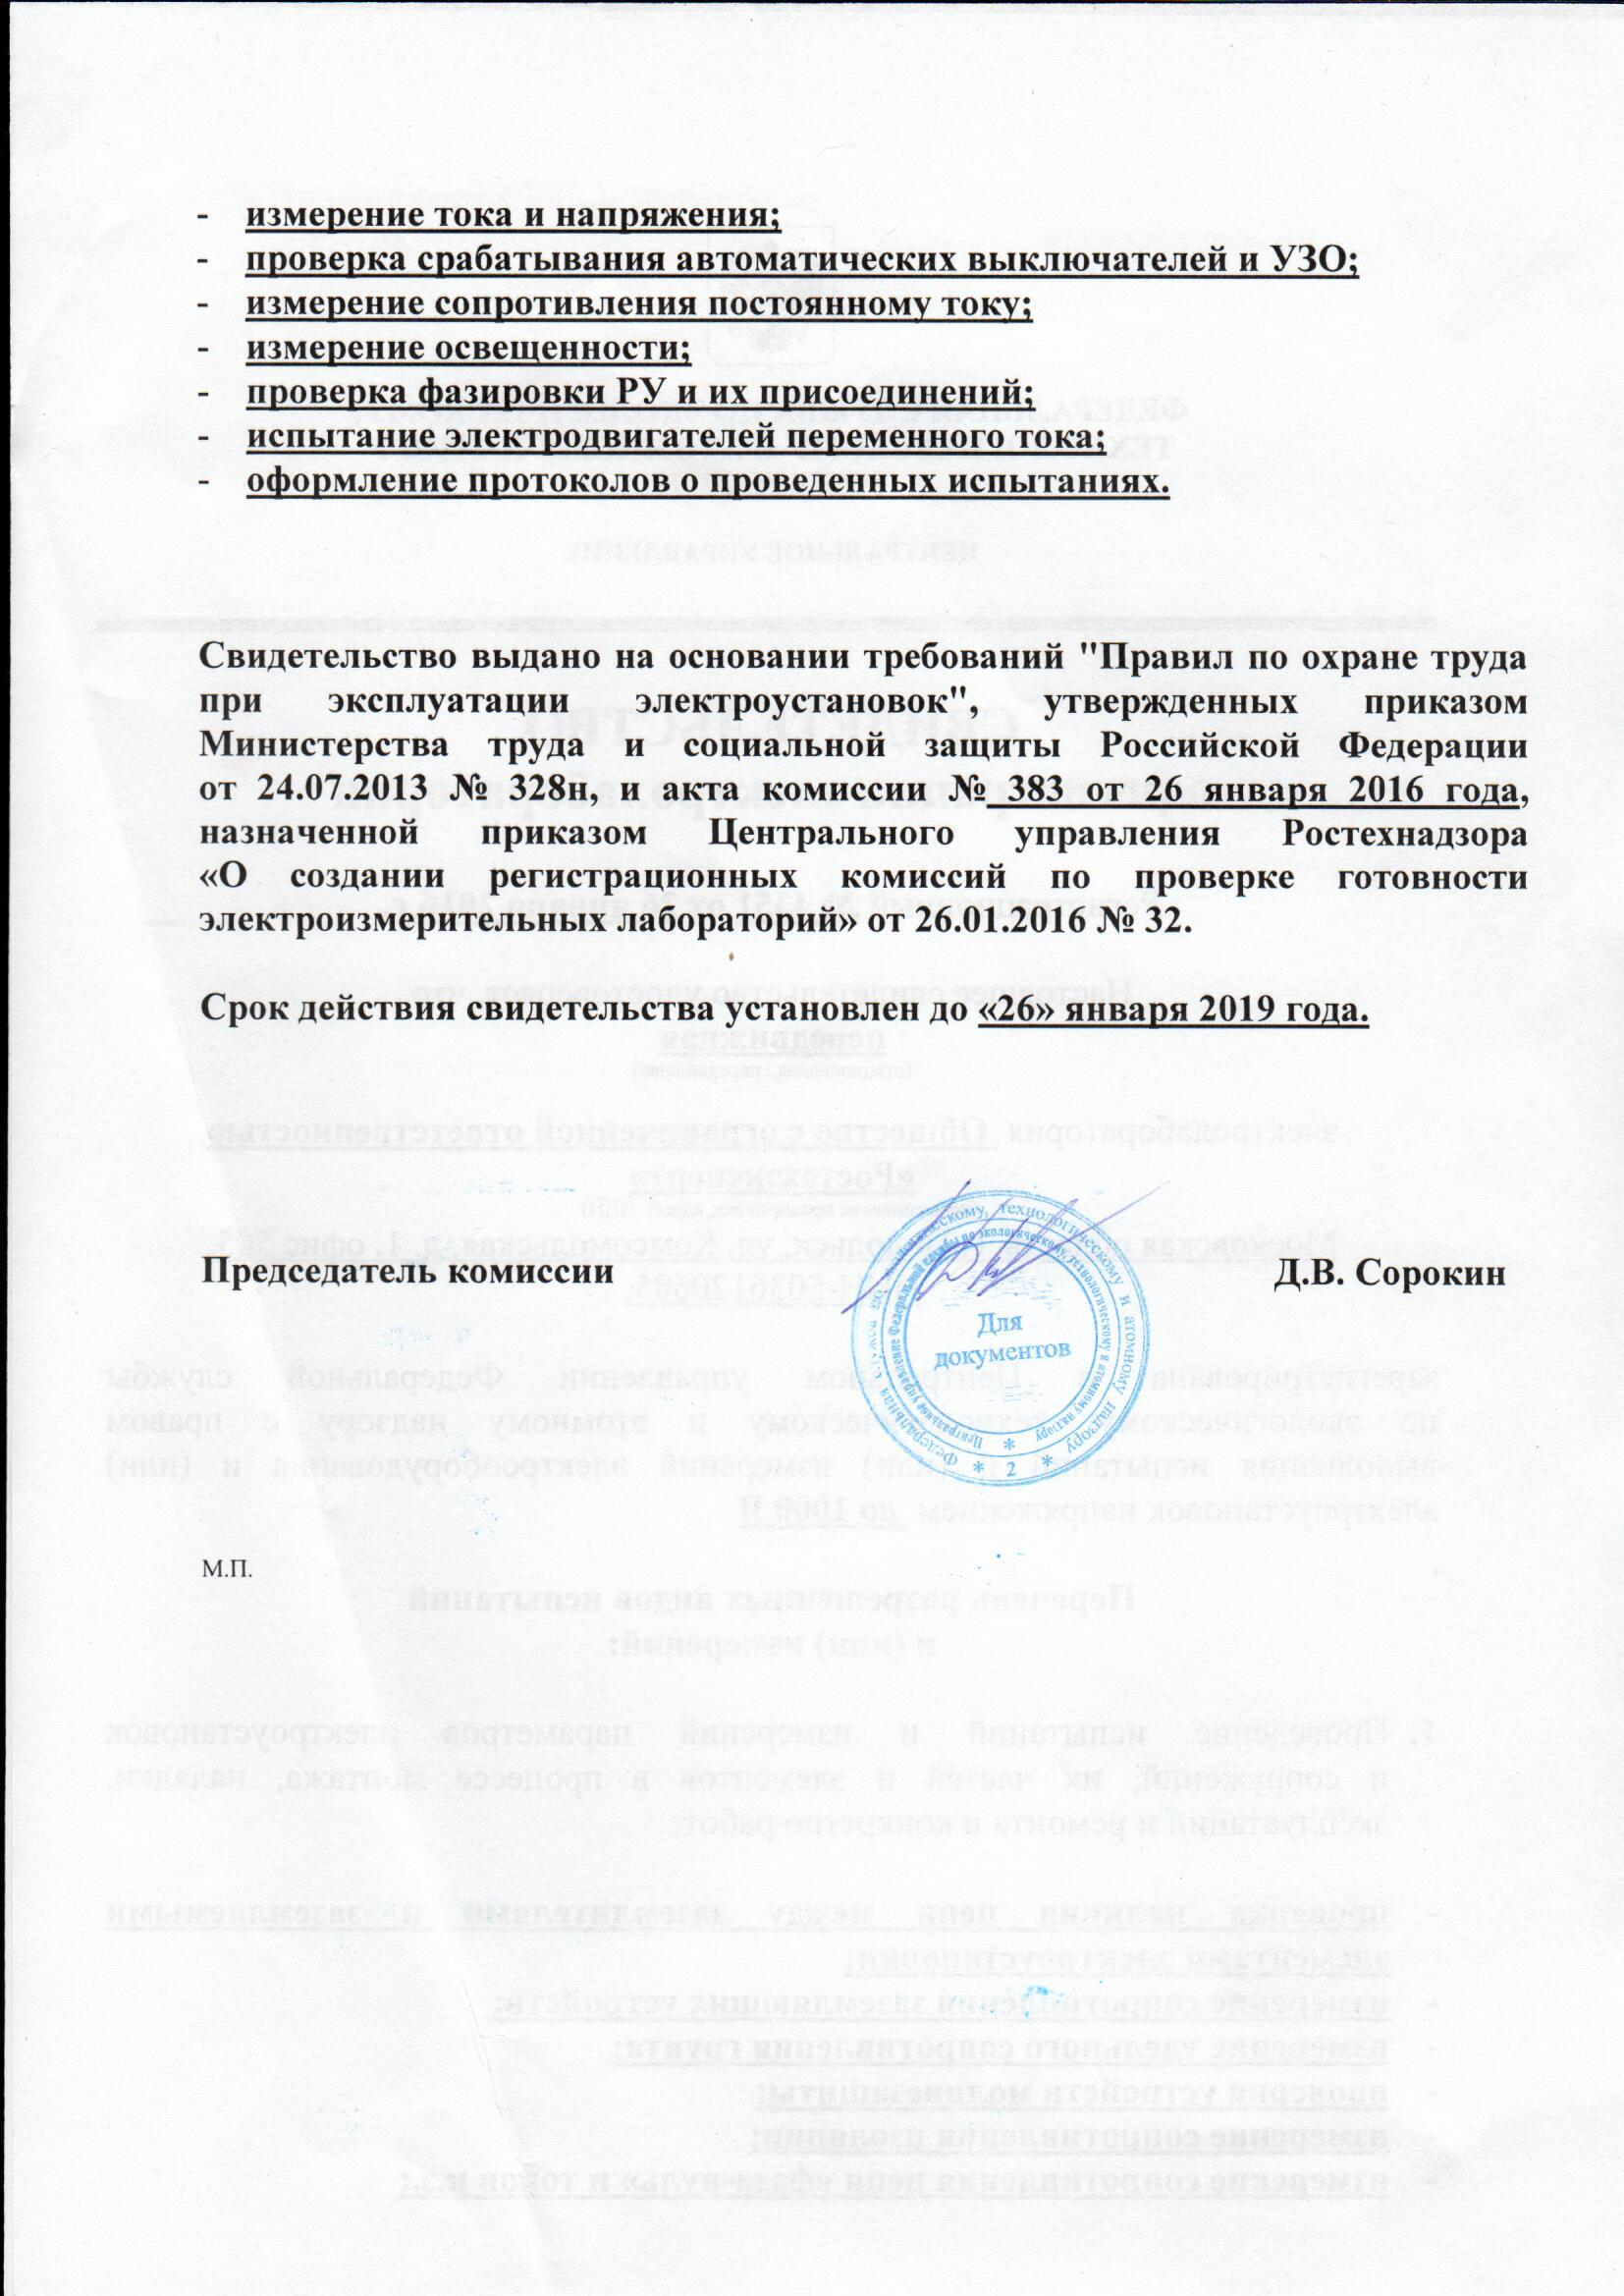 Должностные инструкции начальника электролаборатории